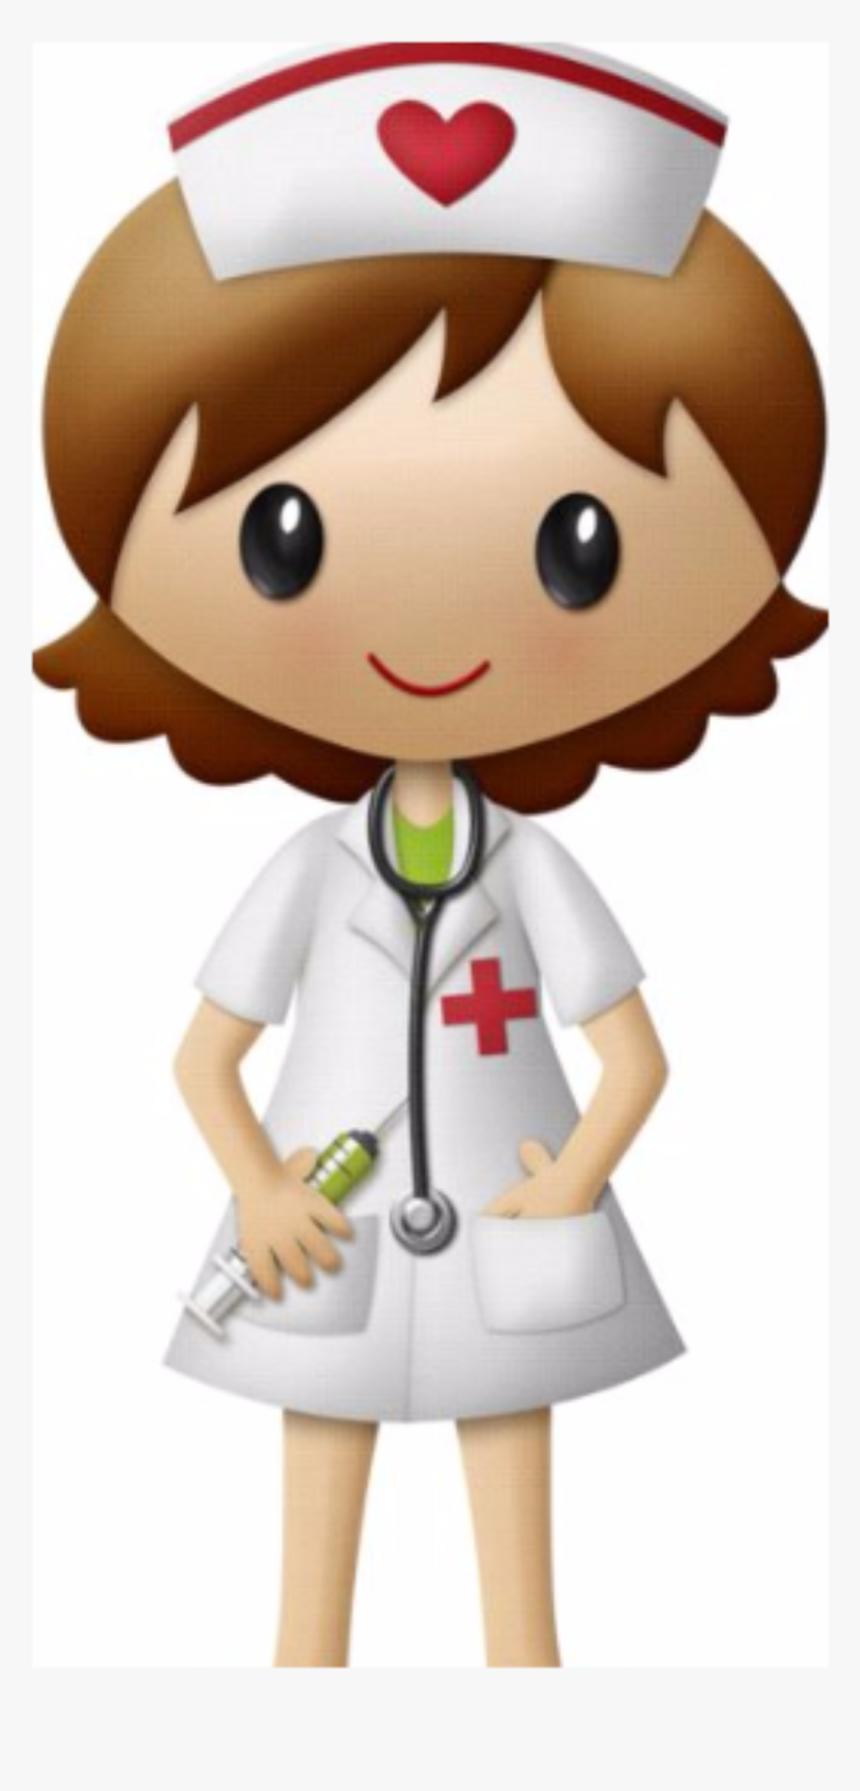 Nursing Pin Nurse Practitioner Registered Nurse Clip Nurse Png Clipart Transparent Png Kindpng